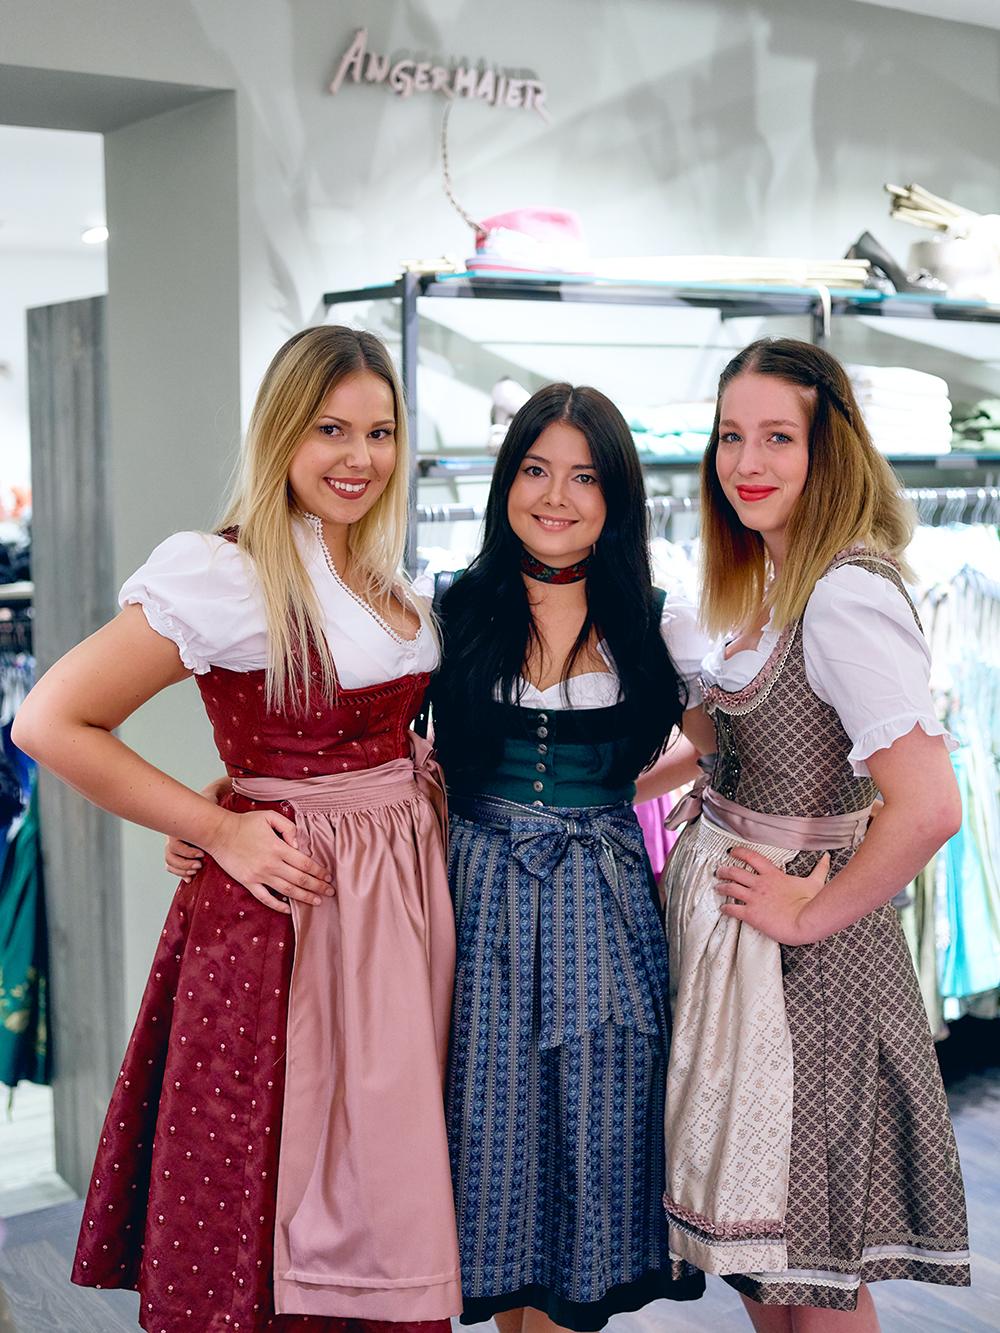 fashionambit-travelblog-muenchen-modeblog-deutschland-blogger-modeblogger-fashionblogger-bloggerdeutschland-lifestyleblog-munich-style-blog-shopping-tag-den-oktoberfest-look-zusammstellen